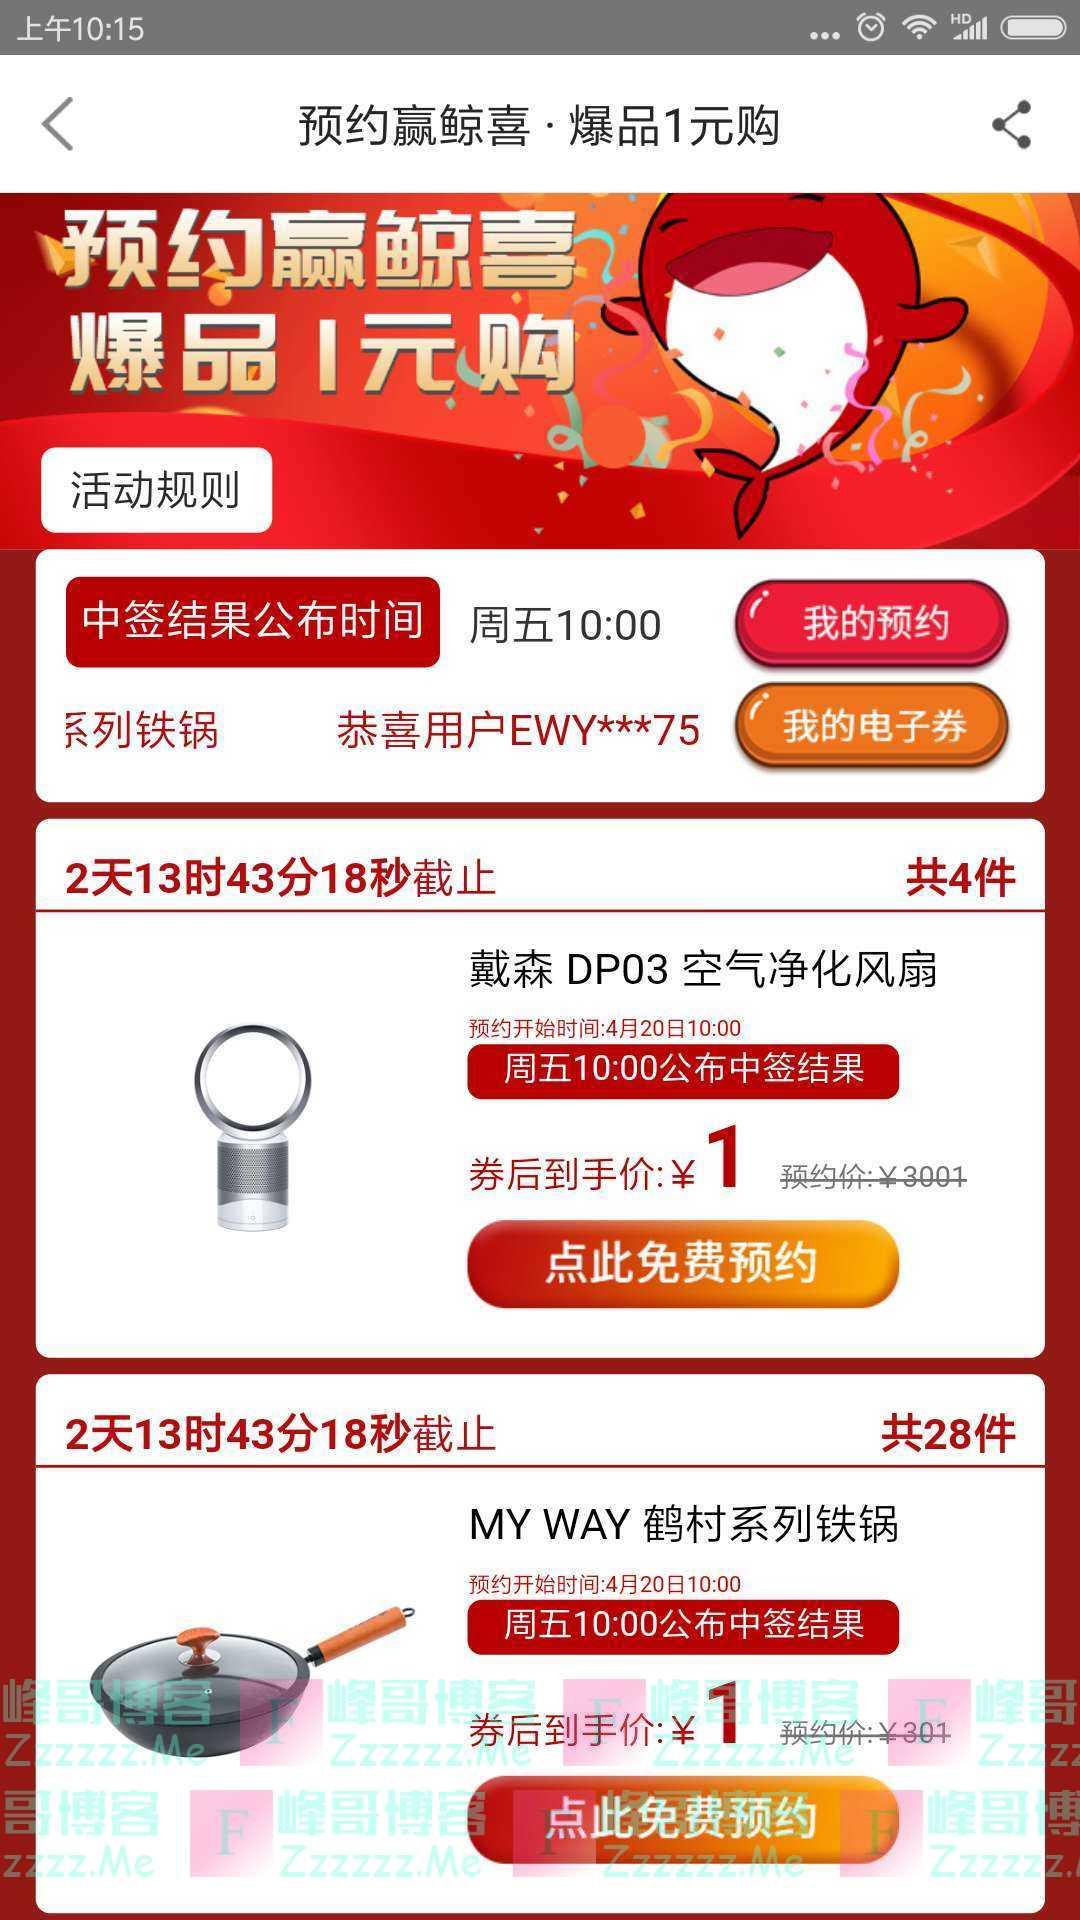 融e购预约赢福利(截止4月23日)